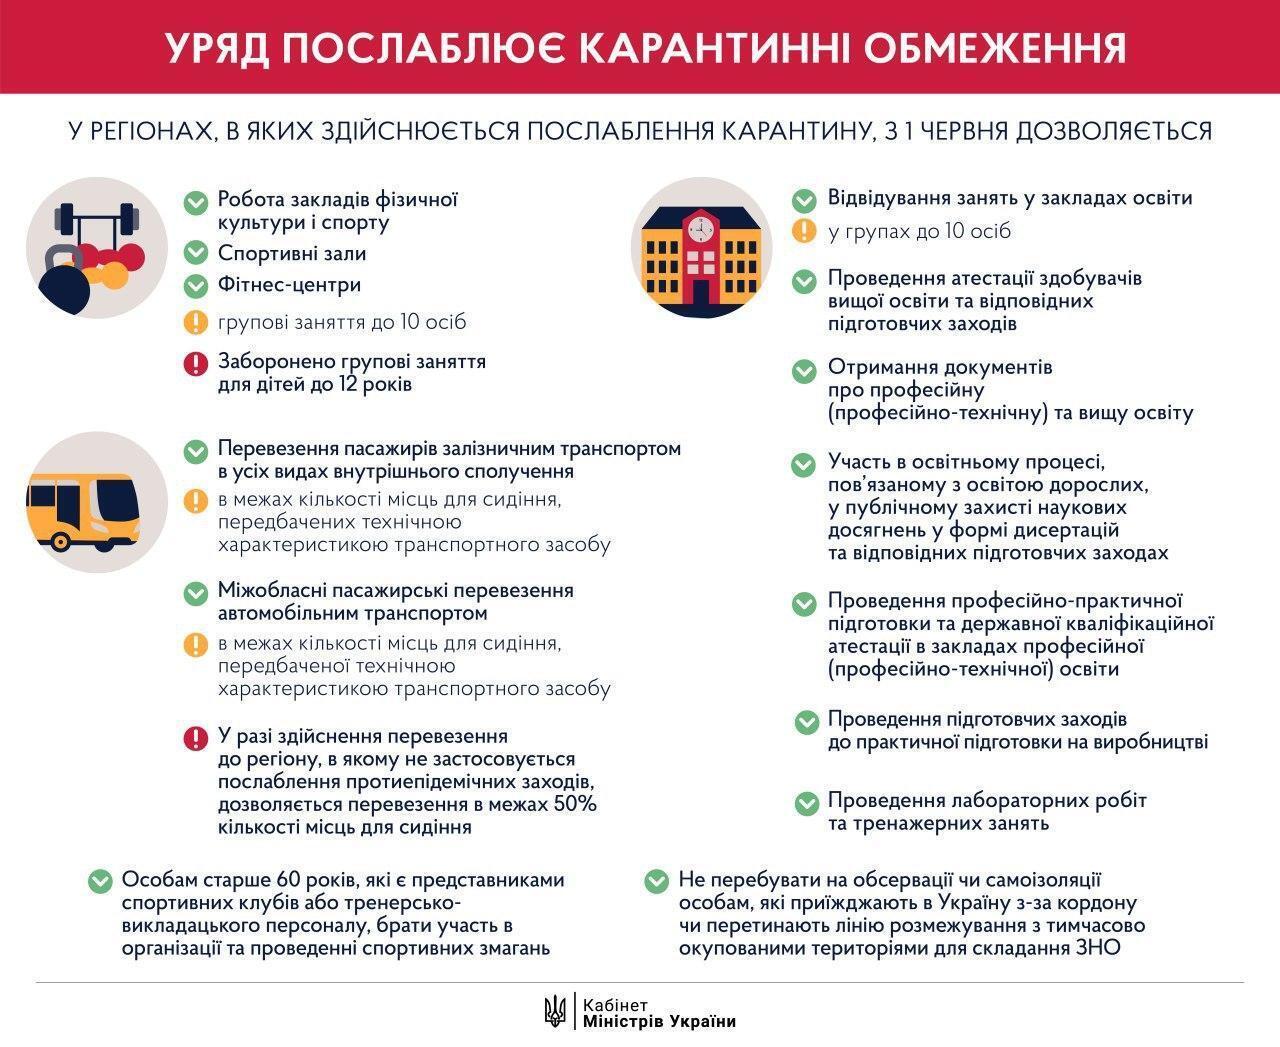 В Украине запустили пассажирские перевозки между областями